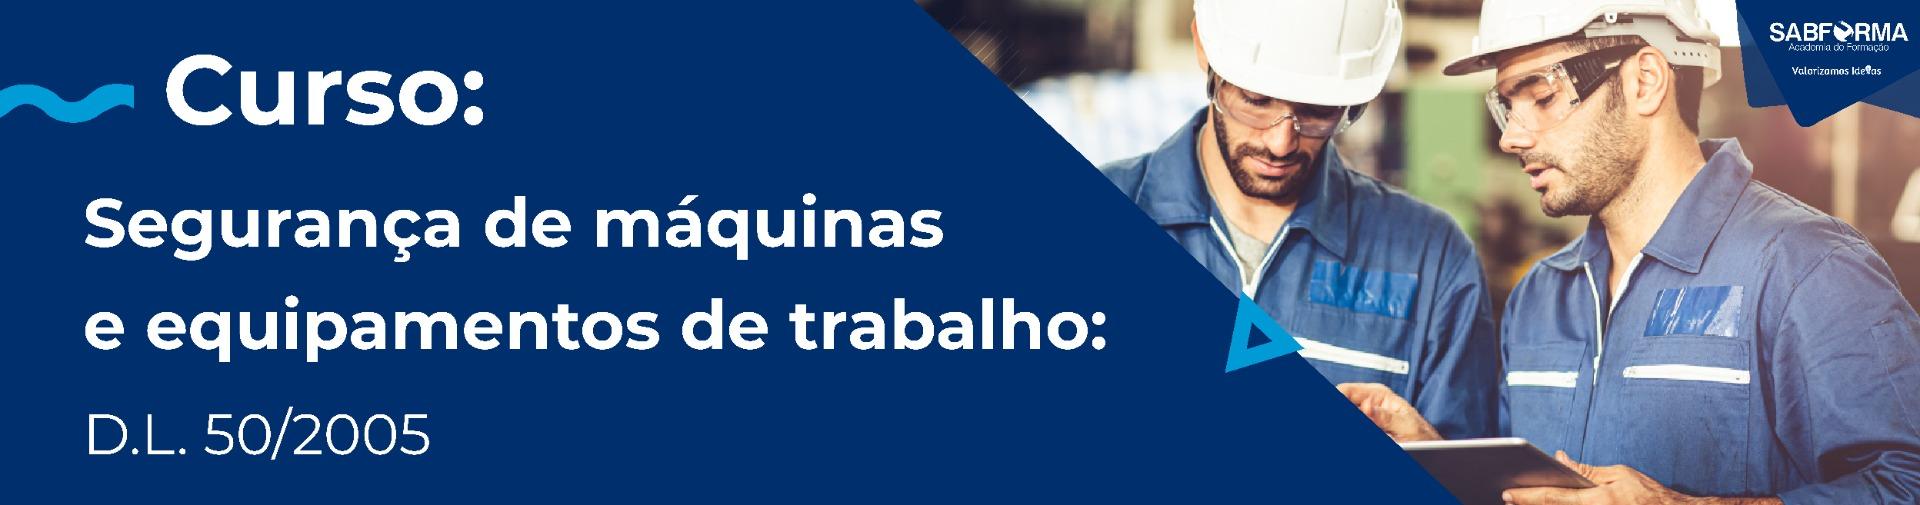 SEGURANÇA DE MÁQUINAS E EQUIPAMENTOS DE TRABALHO – D.L. 50/2005